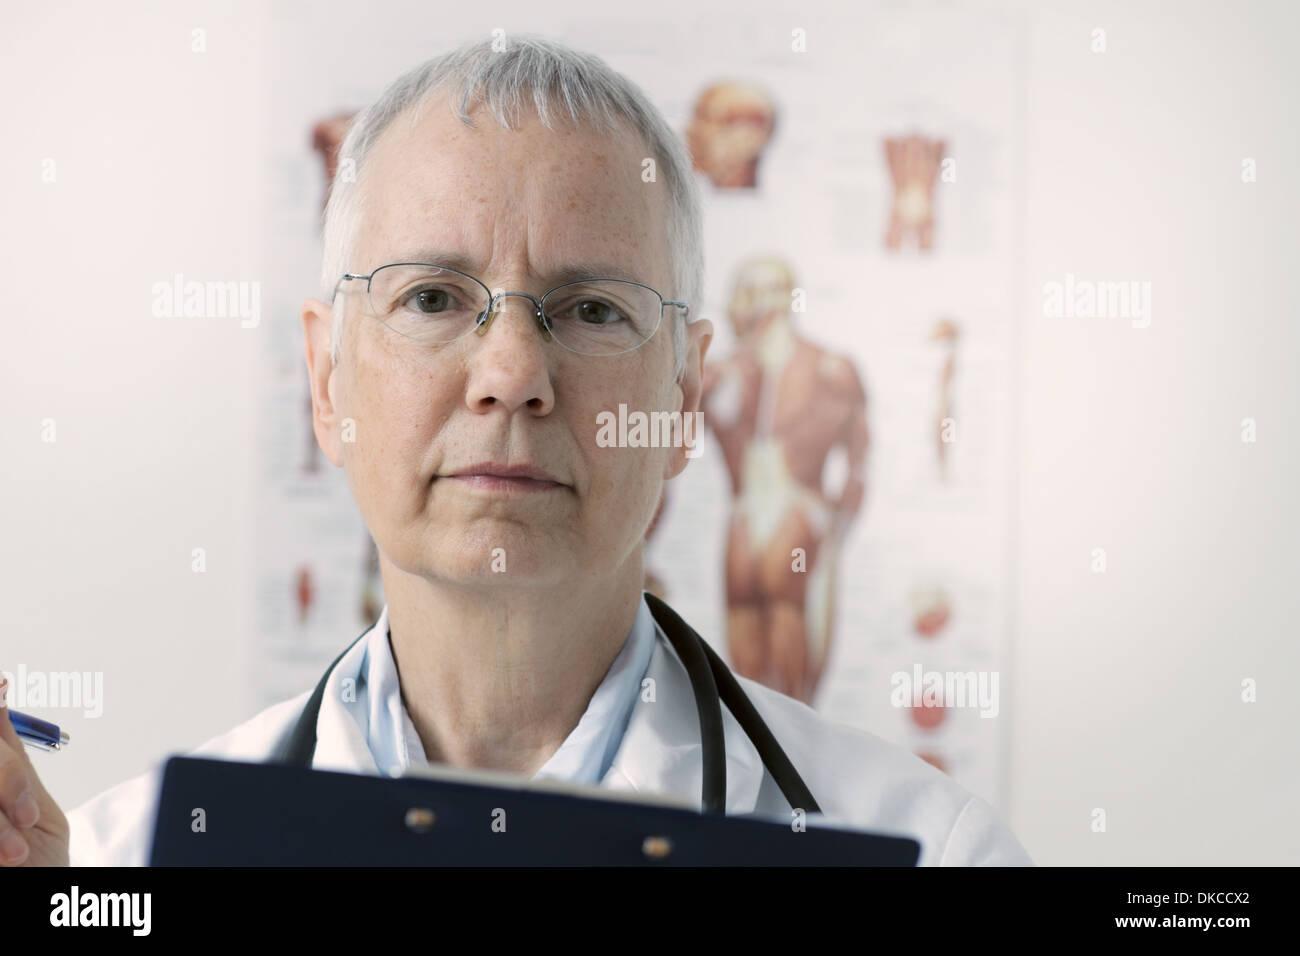 Una mujer doc con un músculo humano persona póster en el fondo Imagen De Stock